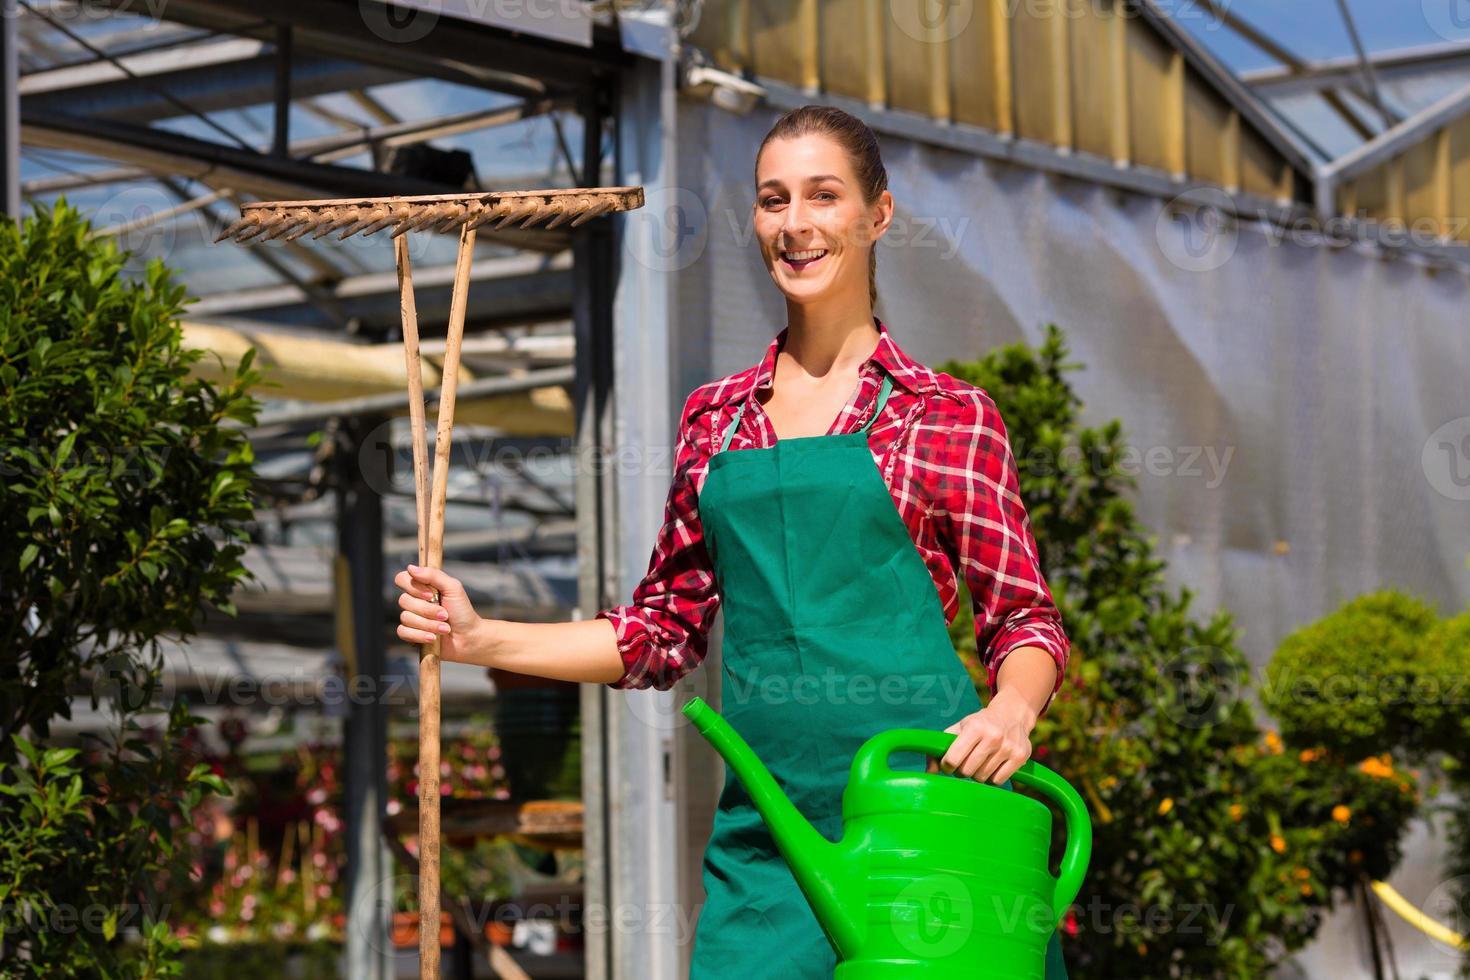 jardineiro comercial de mulher no berçário foto